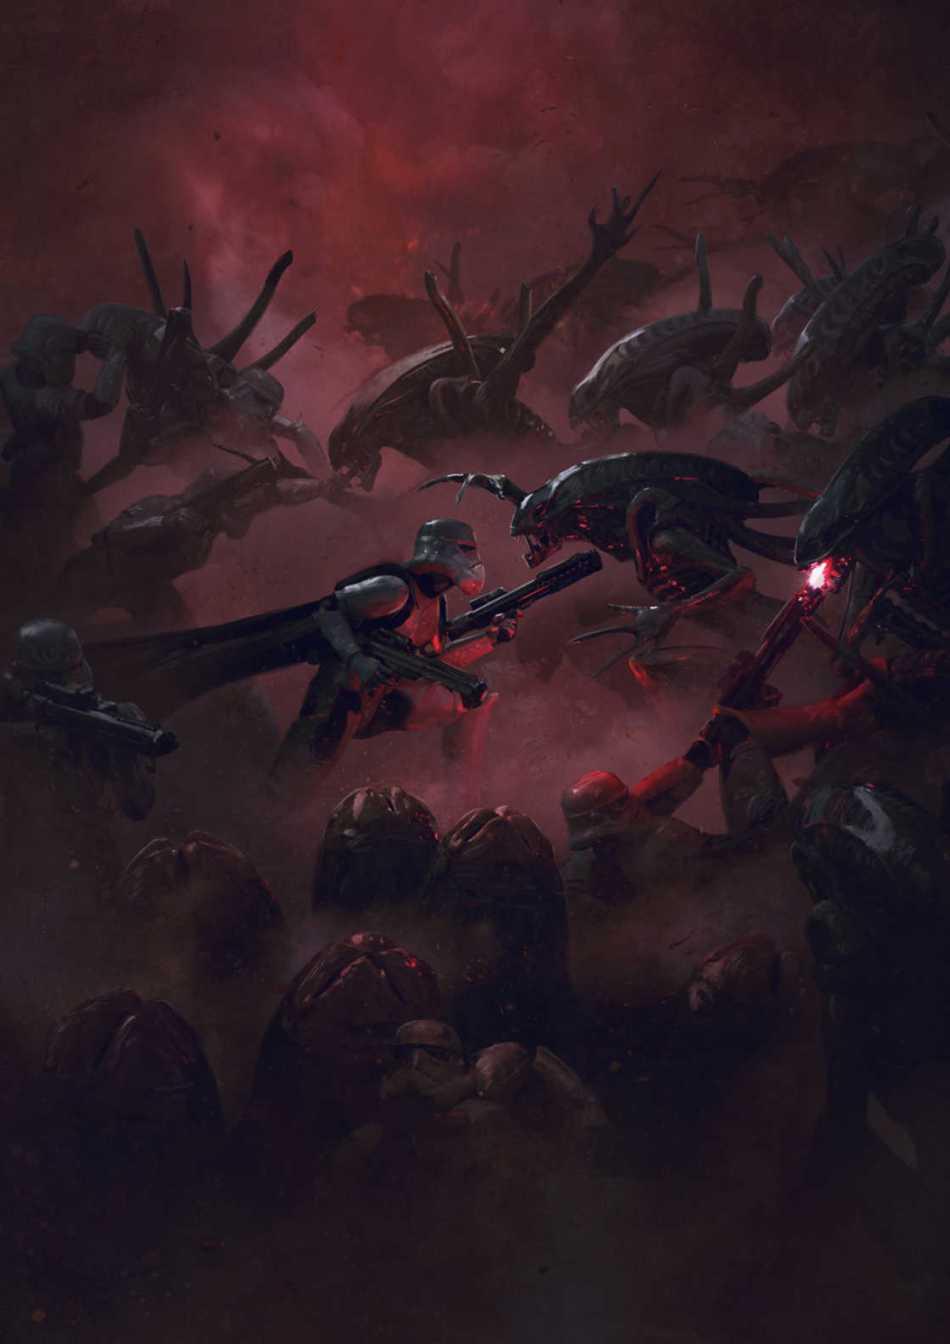 star-wars-e-aliens-geekness-03